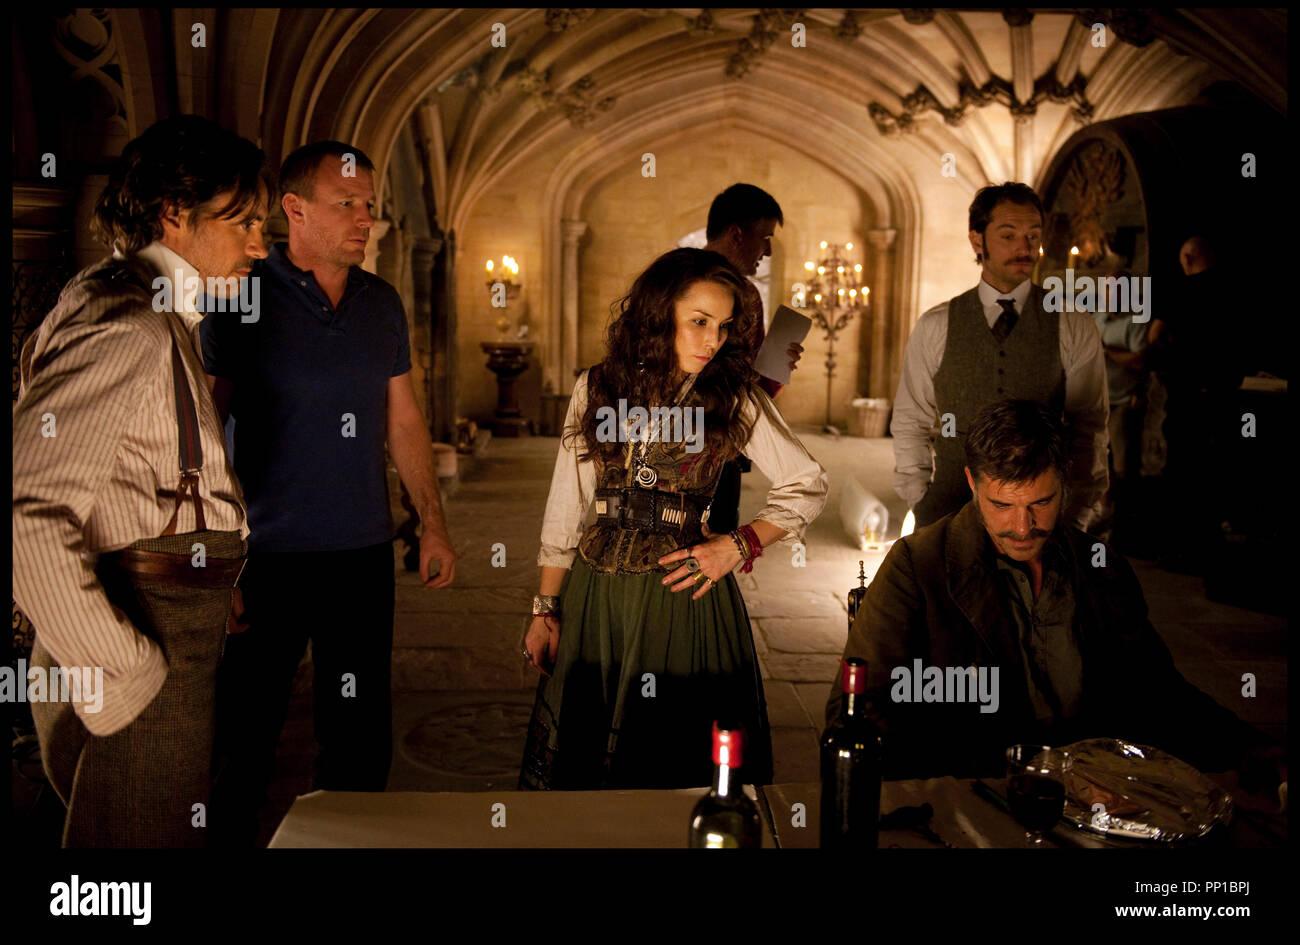 Sherlock Holmes A Game Of Shadows Stock Photos & Sherlock Holmes A ...